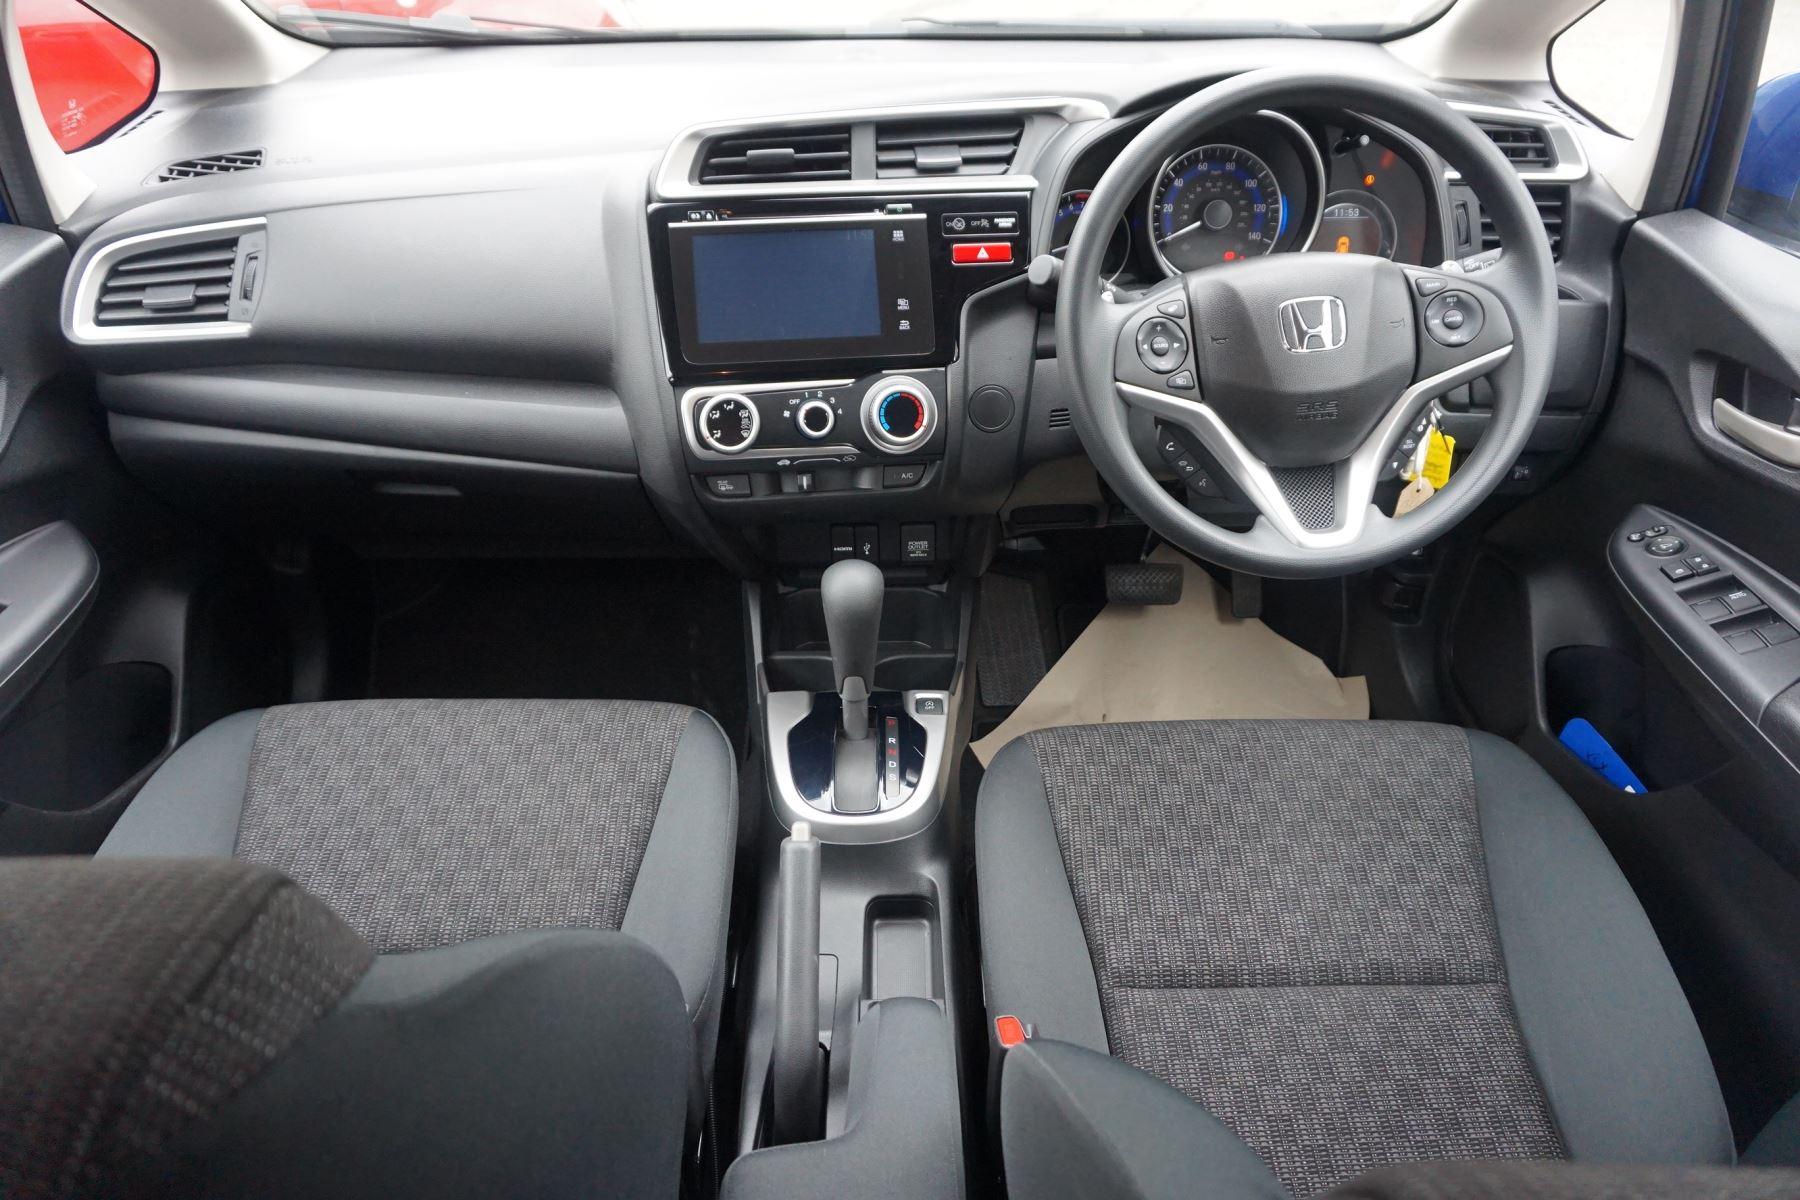 Honda Jazz 1.3 SE Navi CVT image 10